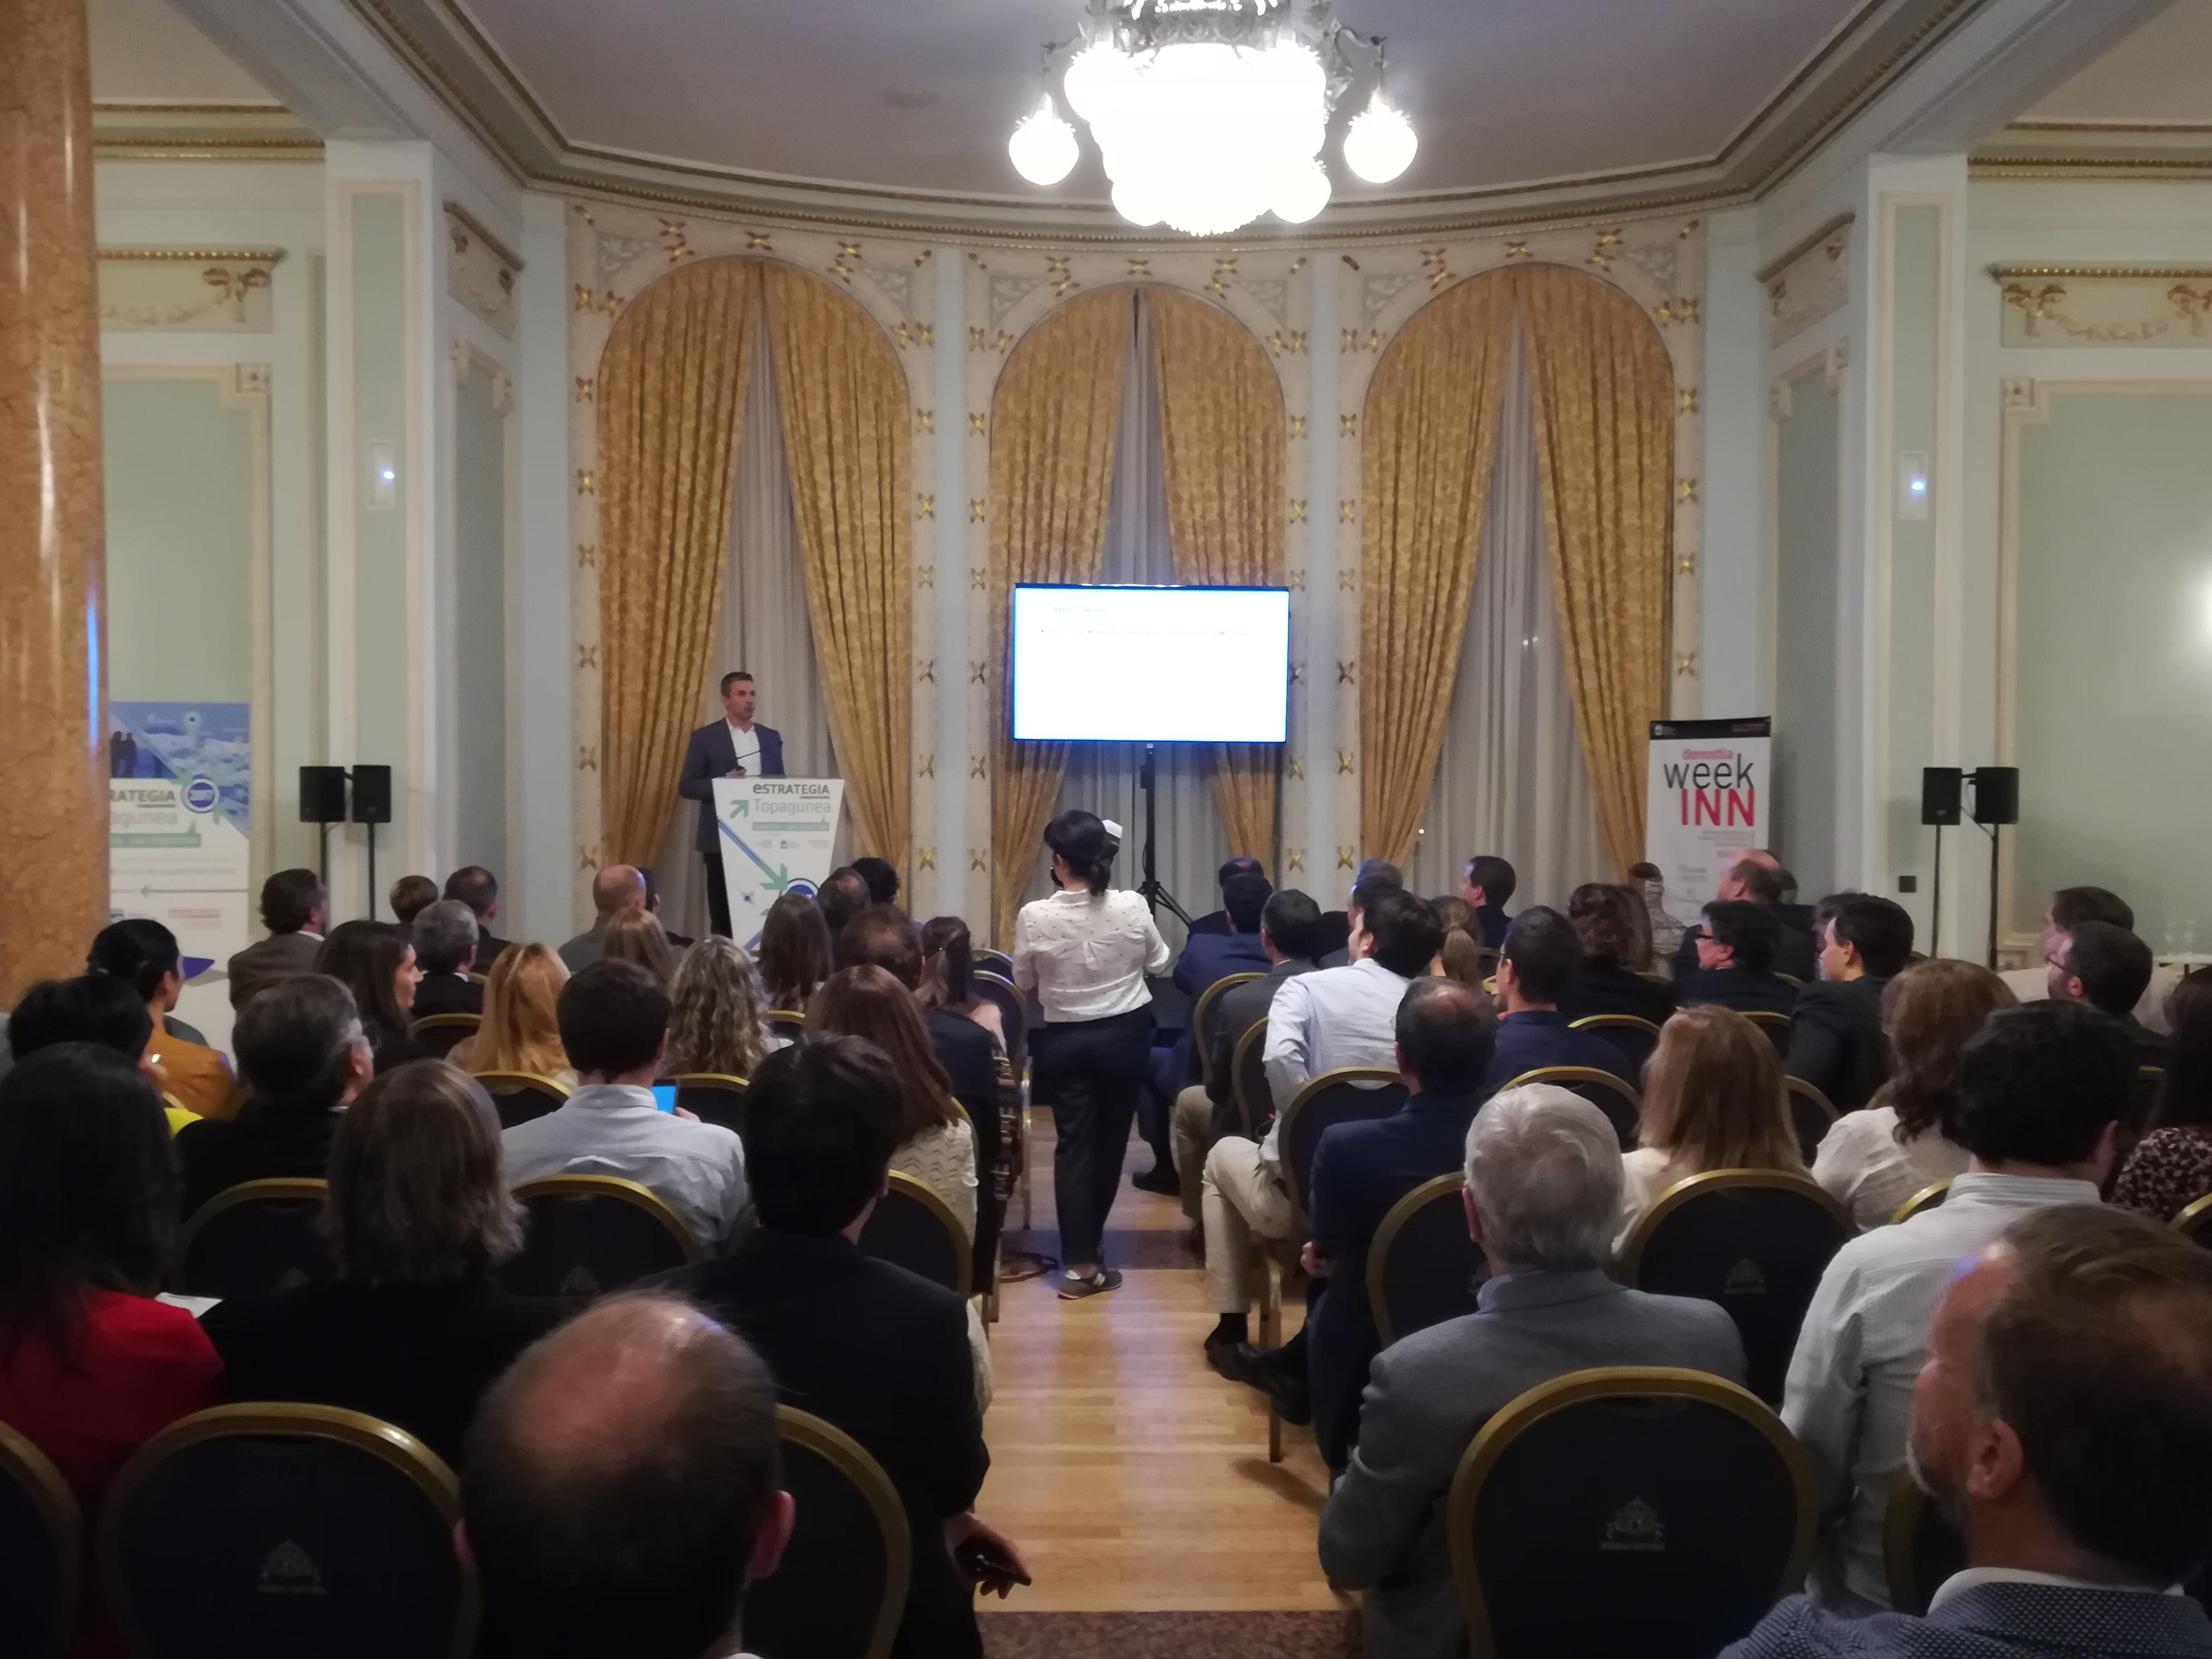 foto noticia: Kursaal somos invitados a la entrega de premios DonostiaINN celebrado en el Hotel María Cristina